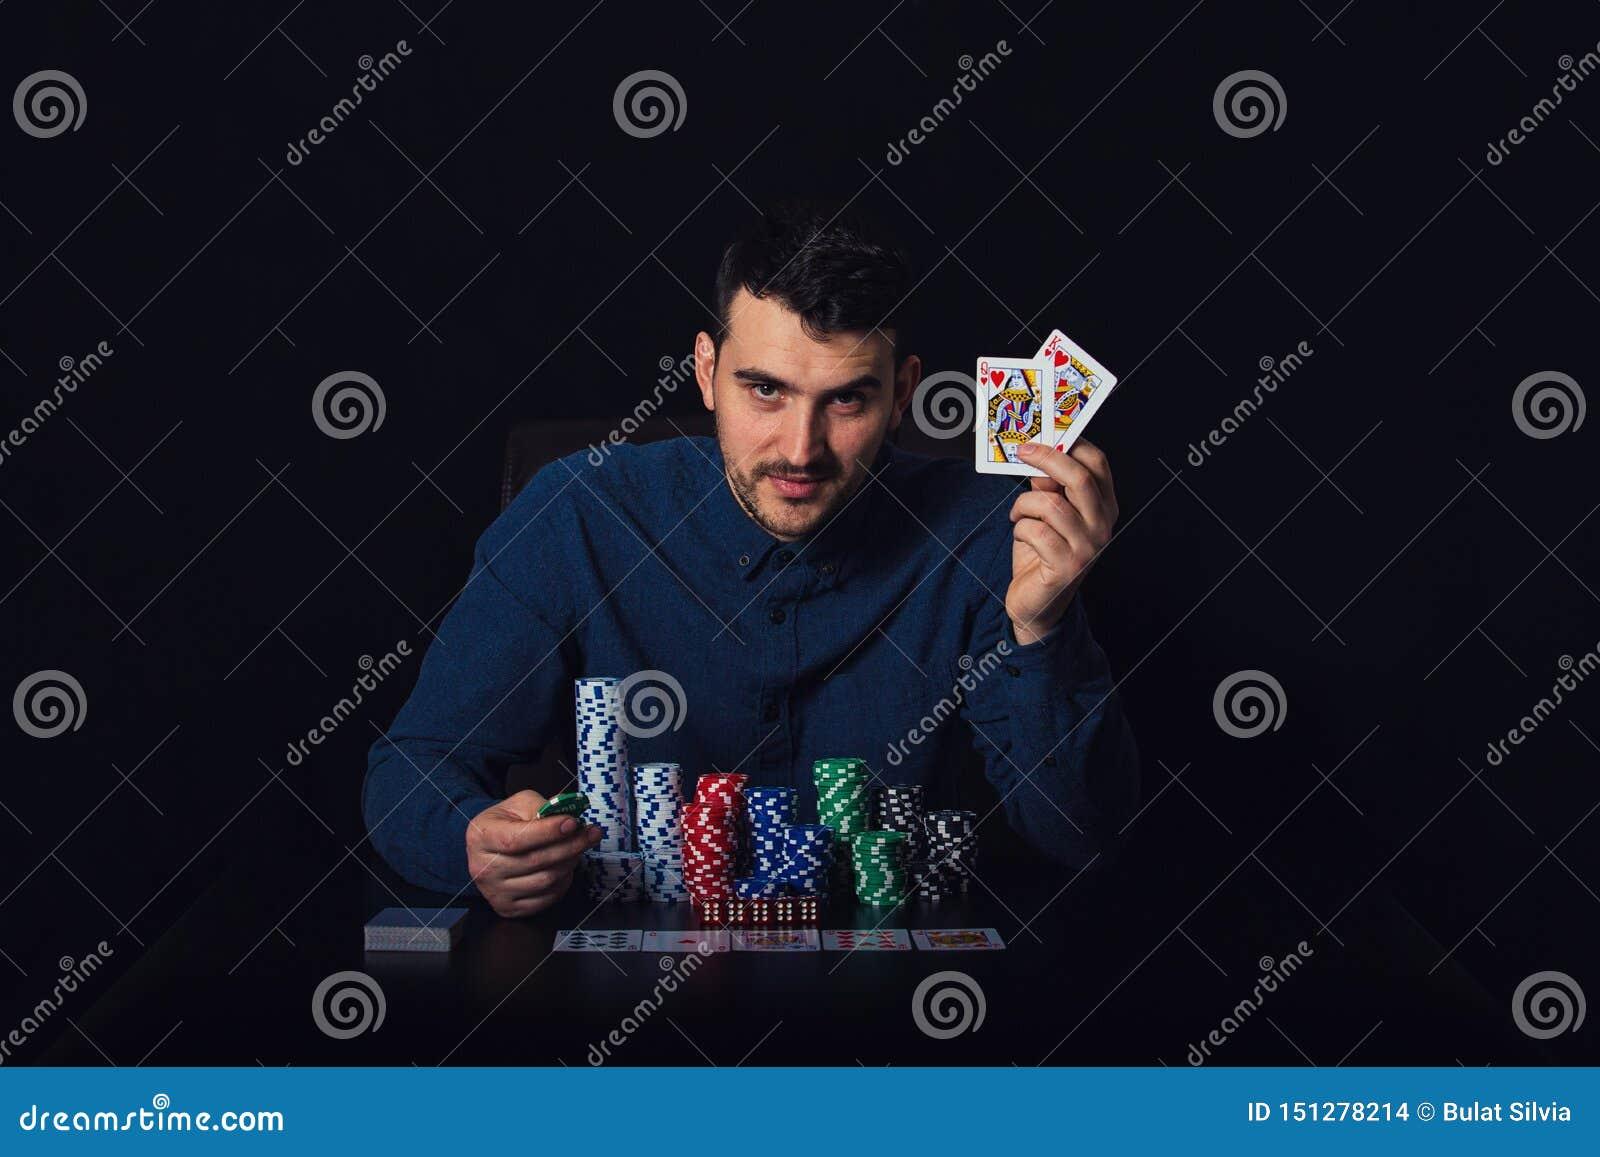 Βέβαιος φορέας πόκερ που κάθεται στον πίνακα χαρτοπαικτικών λεσχών που παρουσιάζει κερδίζοντας κάρτες του πέρα από το μαύρο υπόβα